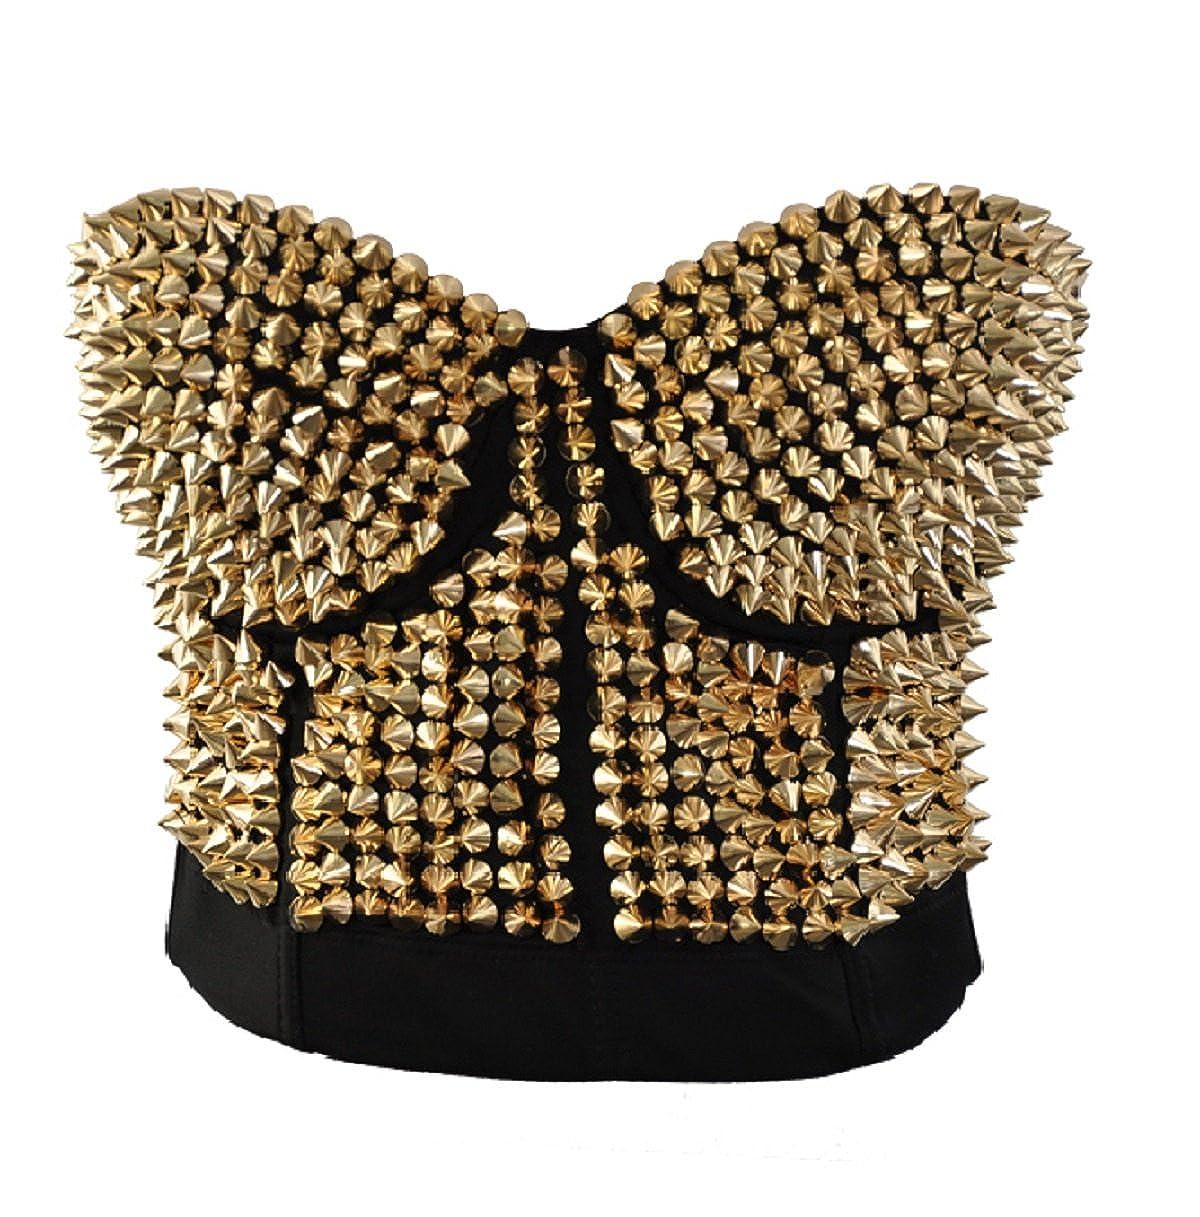 Bslingerie® Women Sequined Bustier Clubwear Bra Top